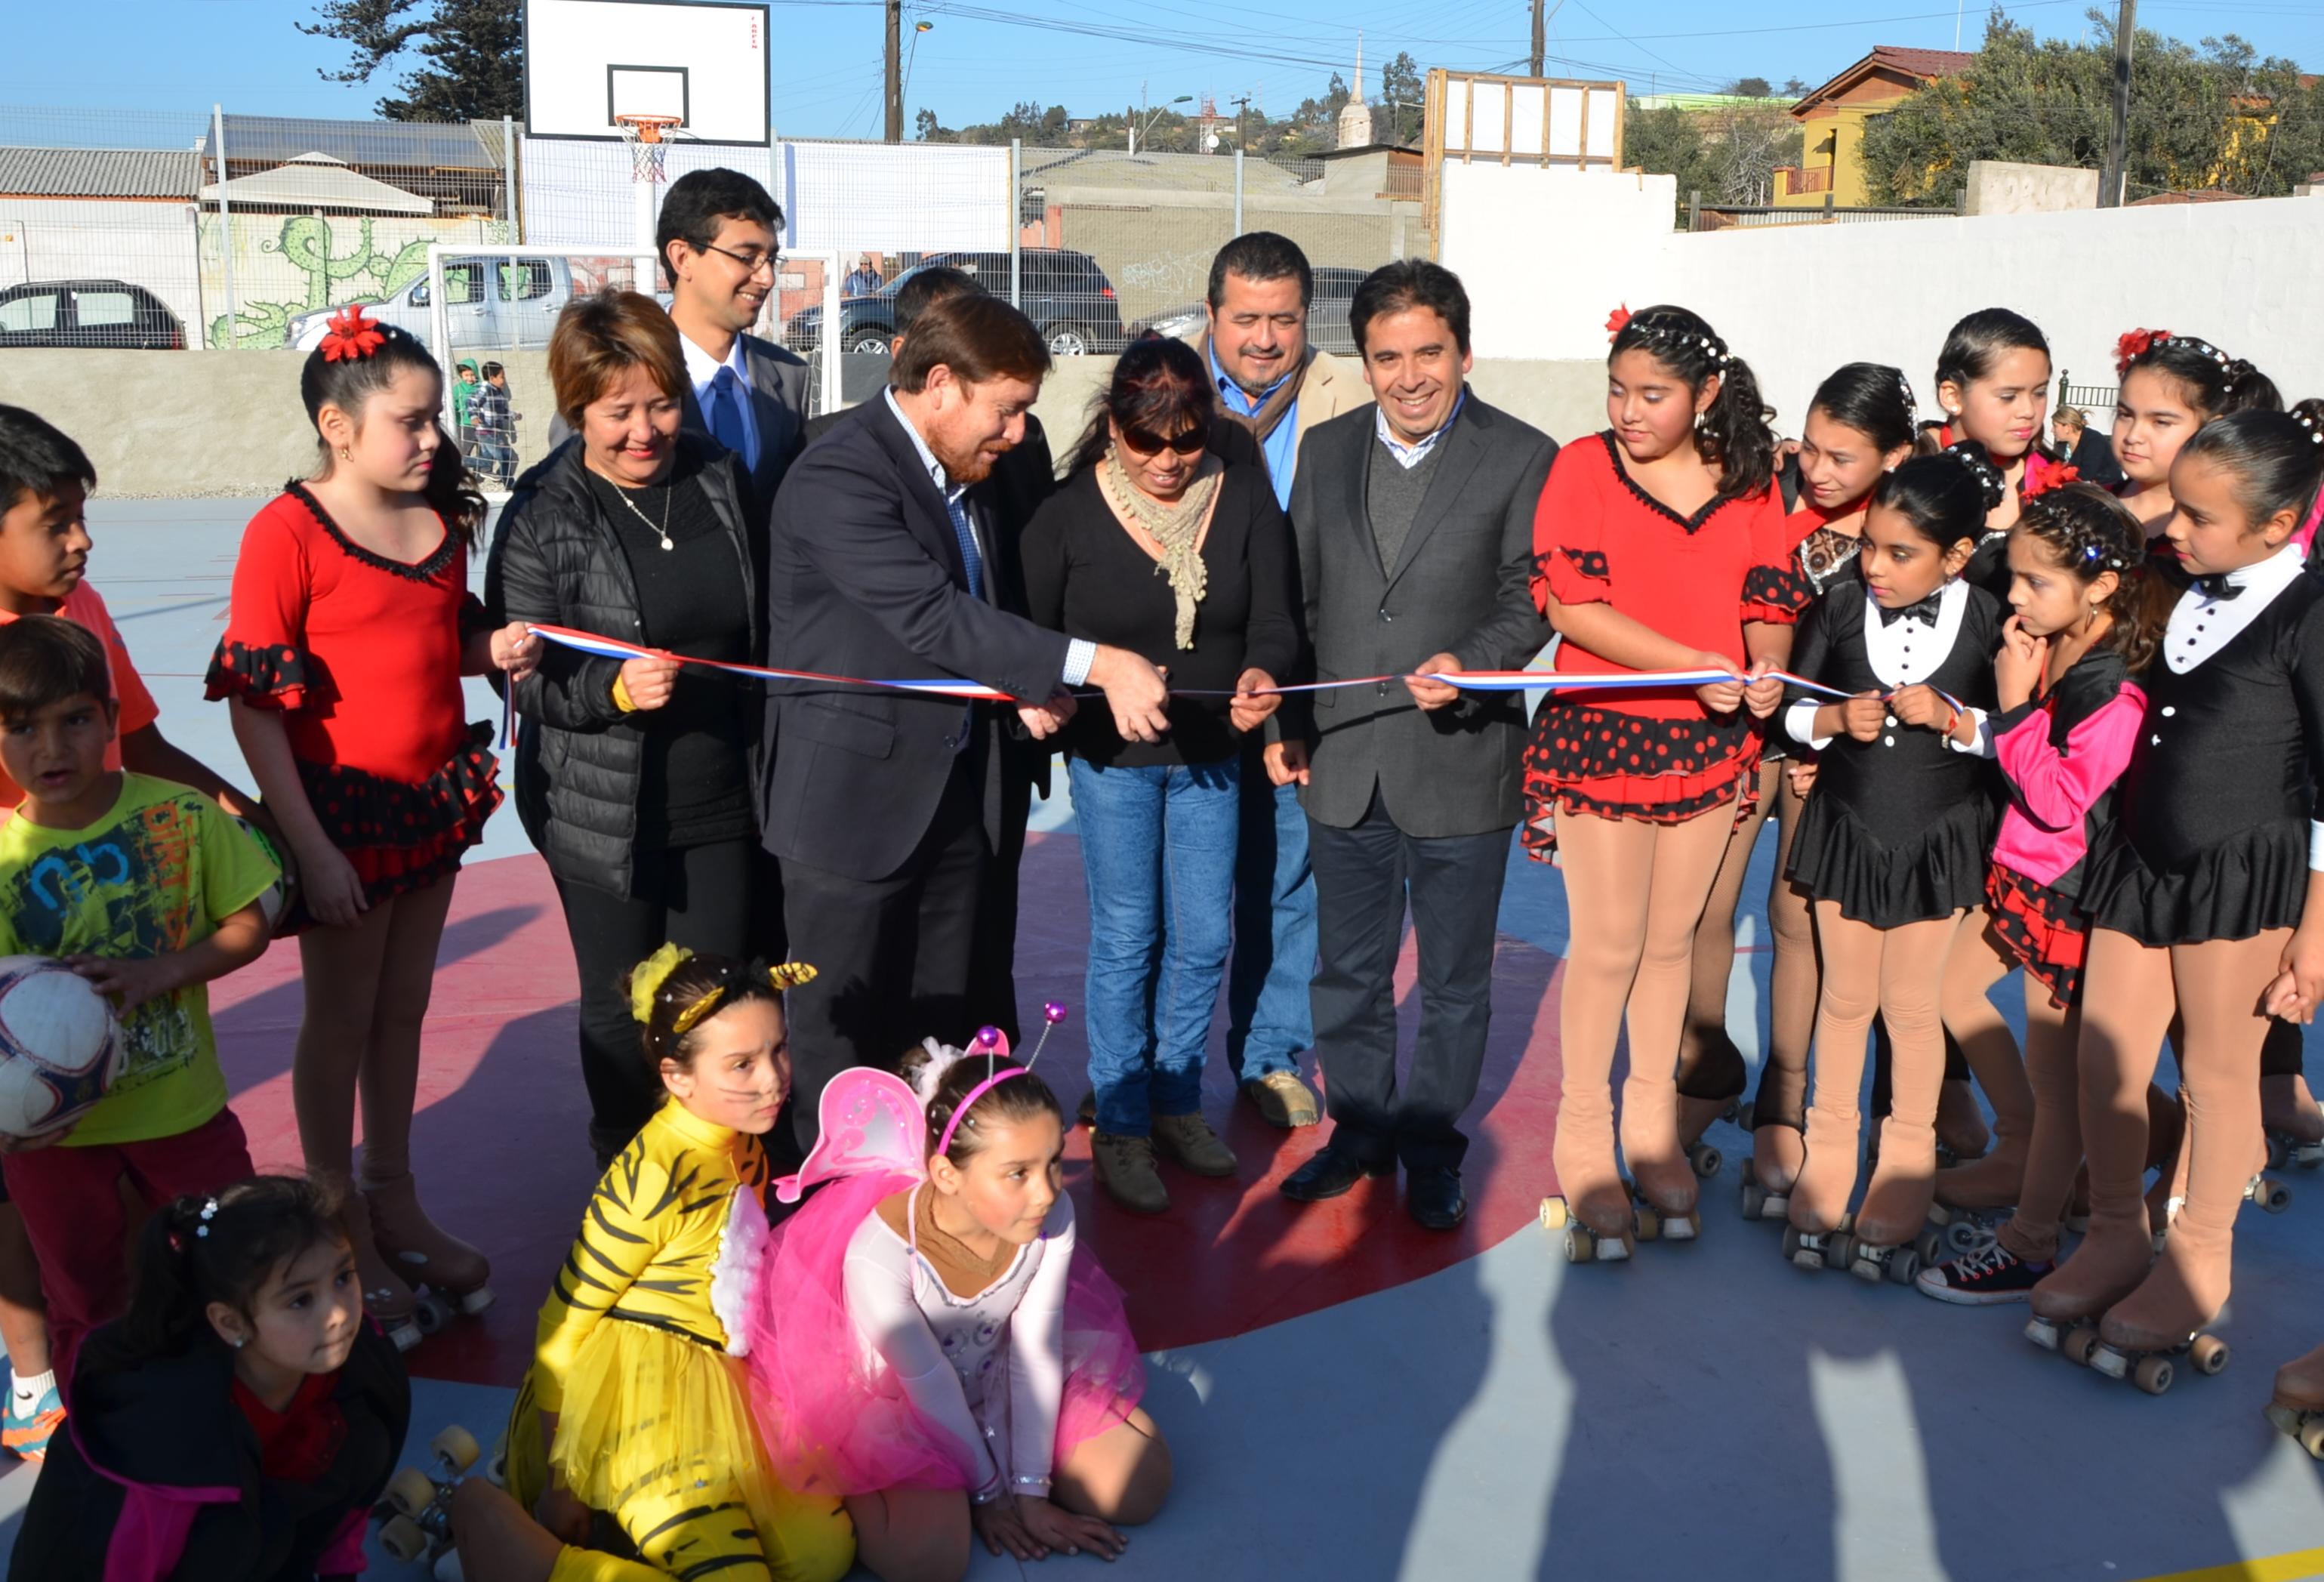 Gobierno y Municipio entregaron 2 proyectos para incentivar la actividad social y deportiva en Freirina